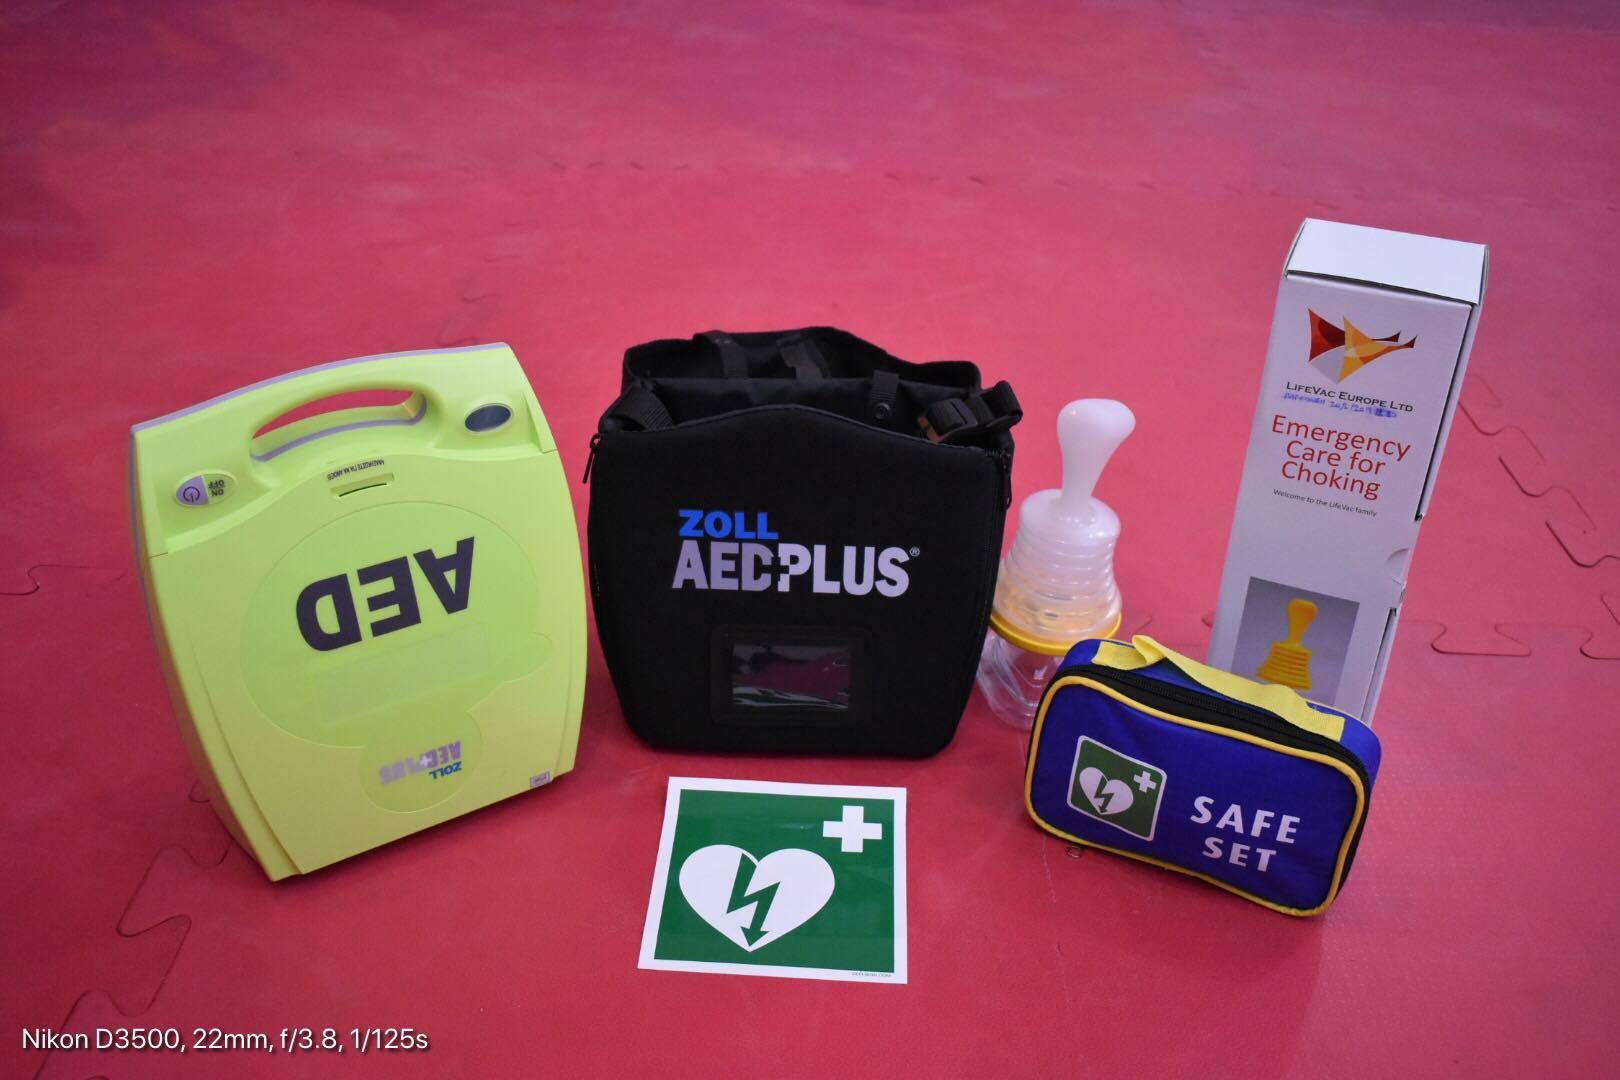 , Ευχαριστήριο για δωρεά απινιδωτή στην ομάδα έρευνας και διάσωσης, Eviathema.gr   ΕΥΒΟΙΑ ΝΕΑ - Νέα και ειδήσεις από όλη την Εύβοια